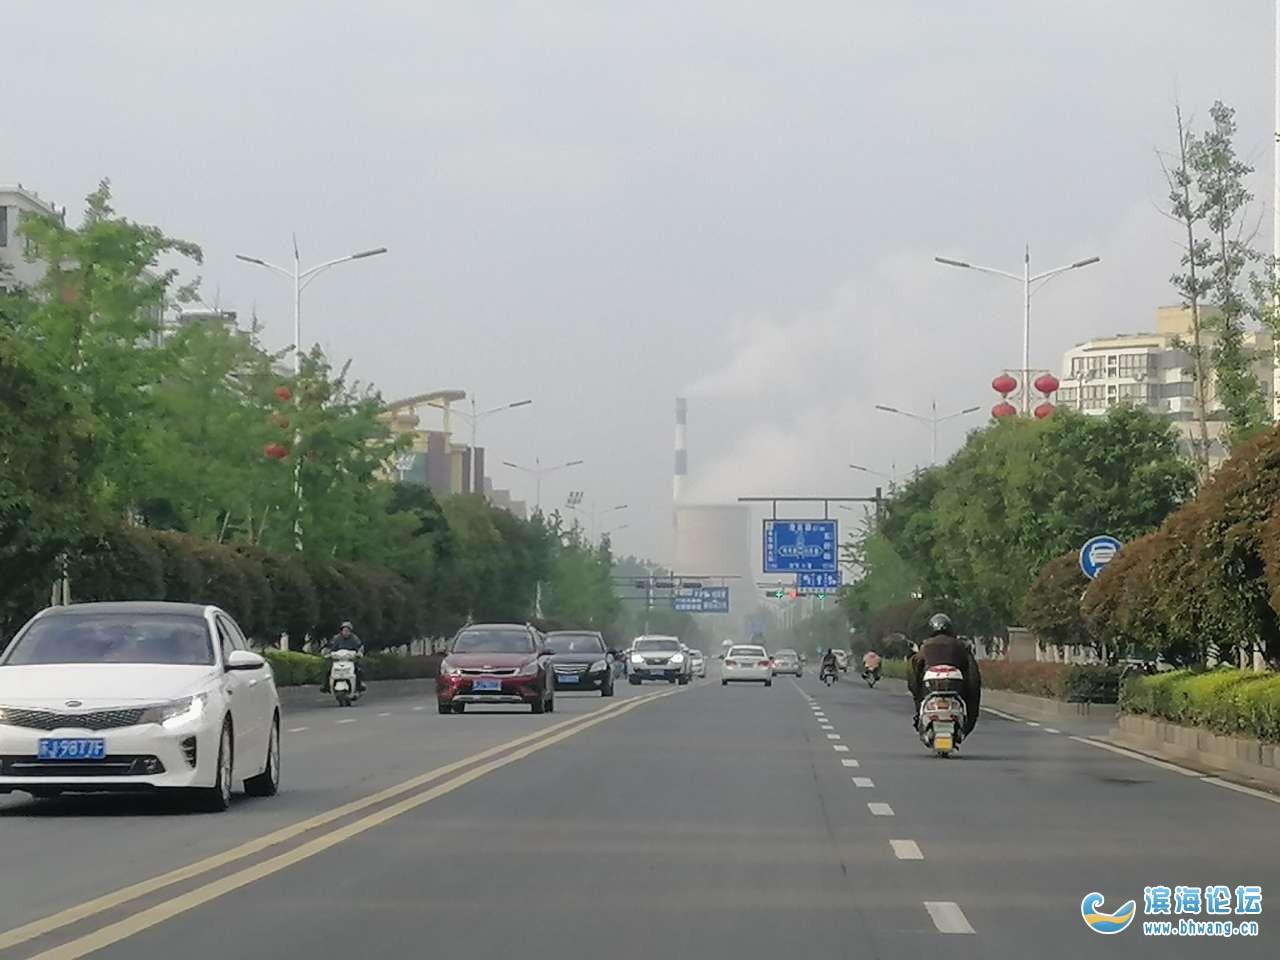 滨海县环保局真,这个水蒸汽冒的真漂亮!滨海特色!!